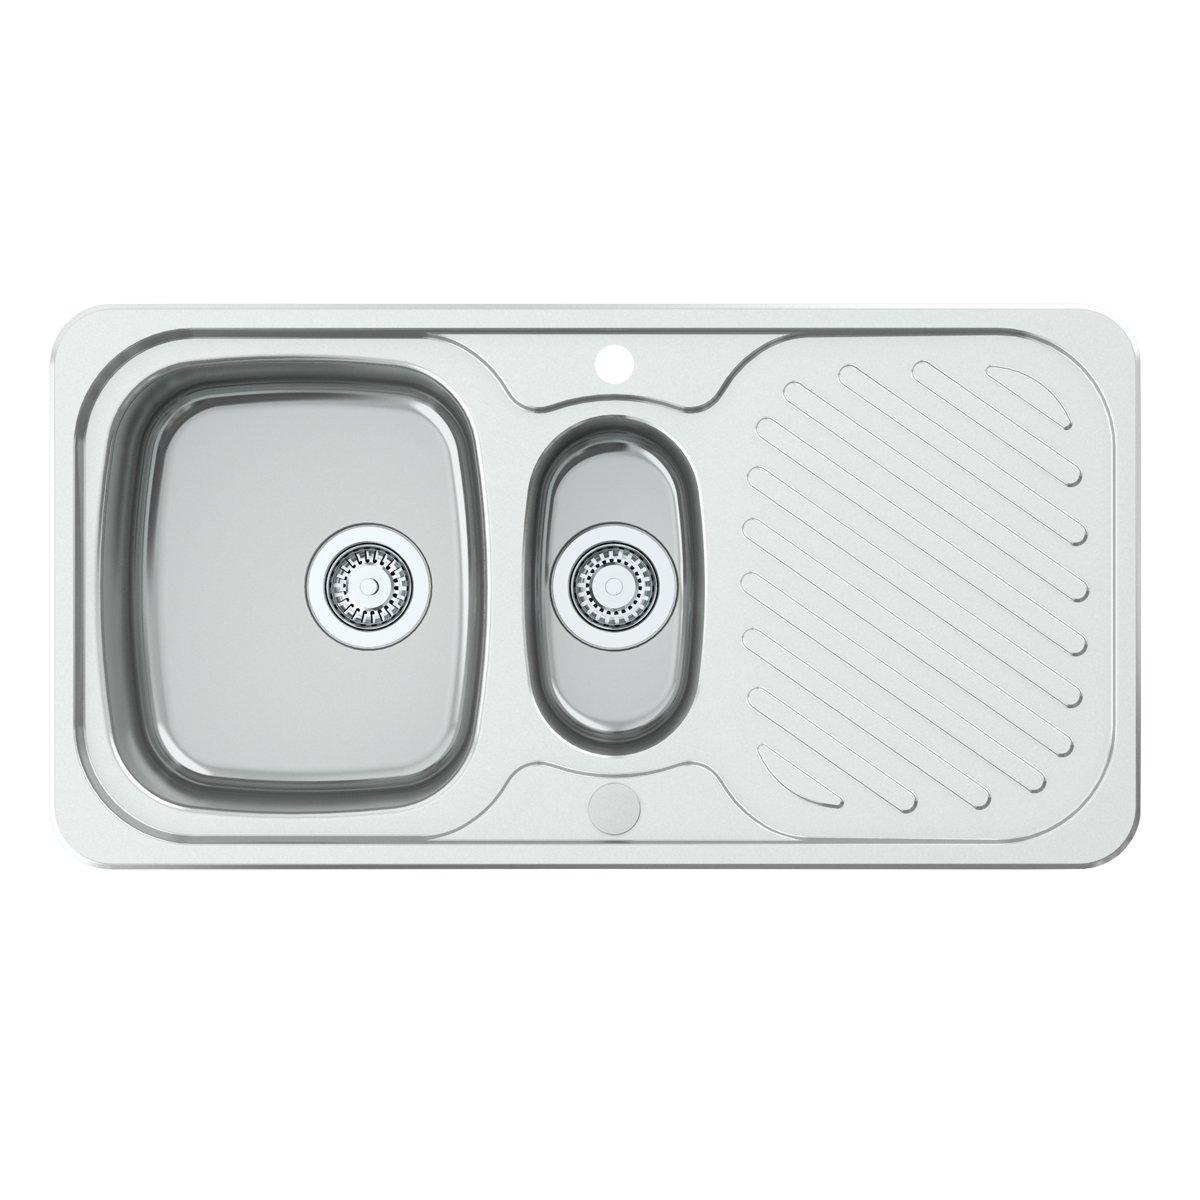 Tolle Küchenspüle Drain Installations Bilder - Küchen Design Ideen ...